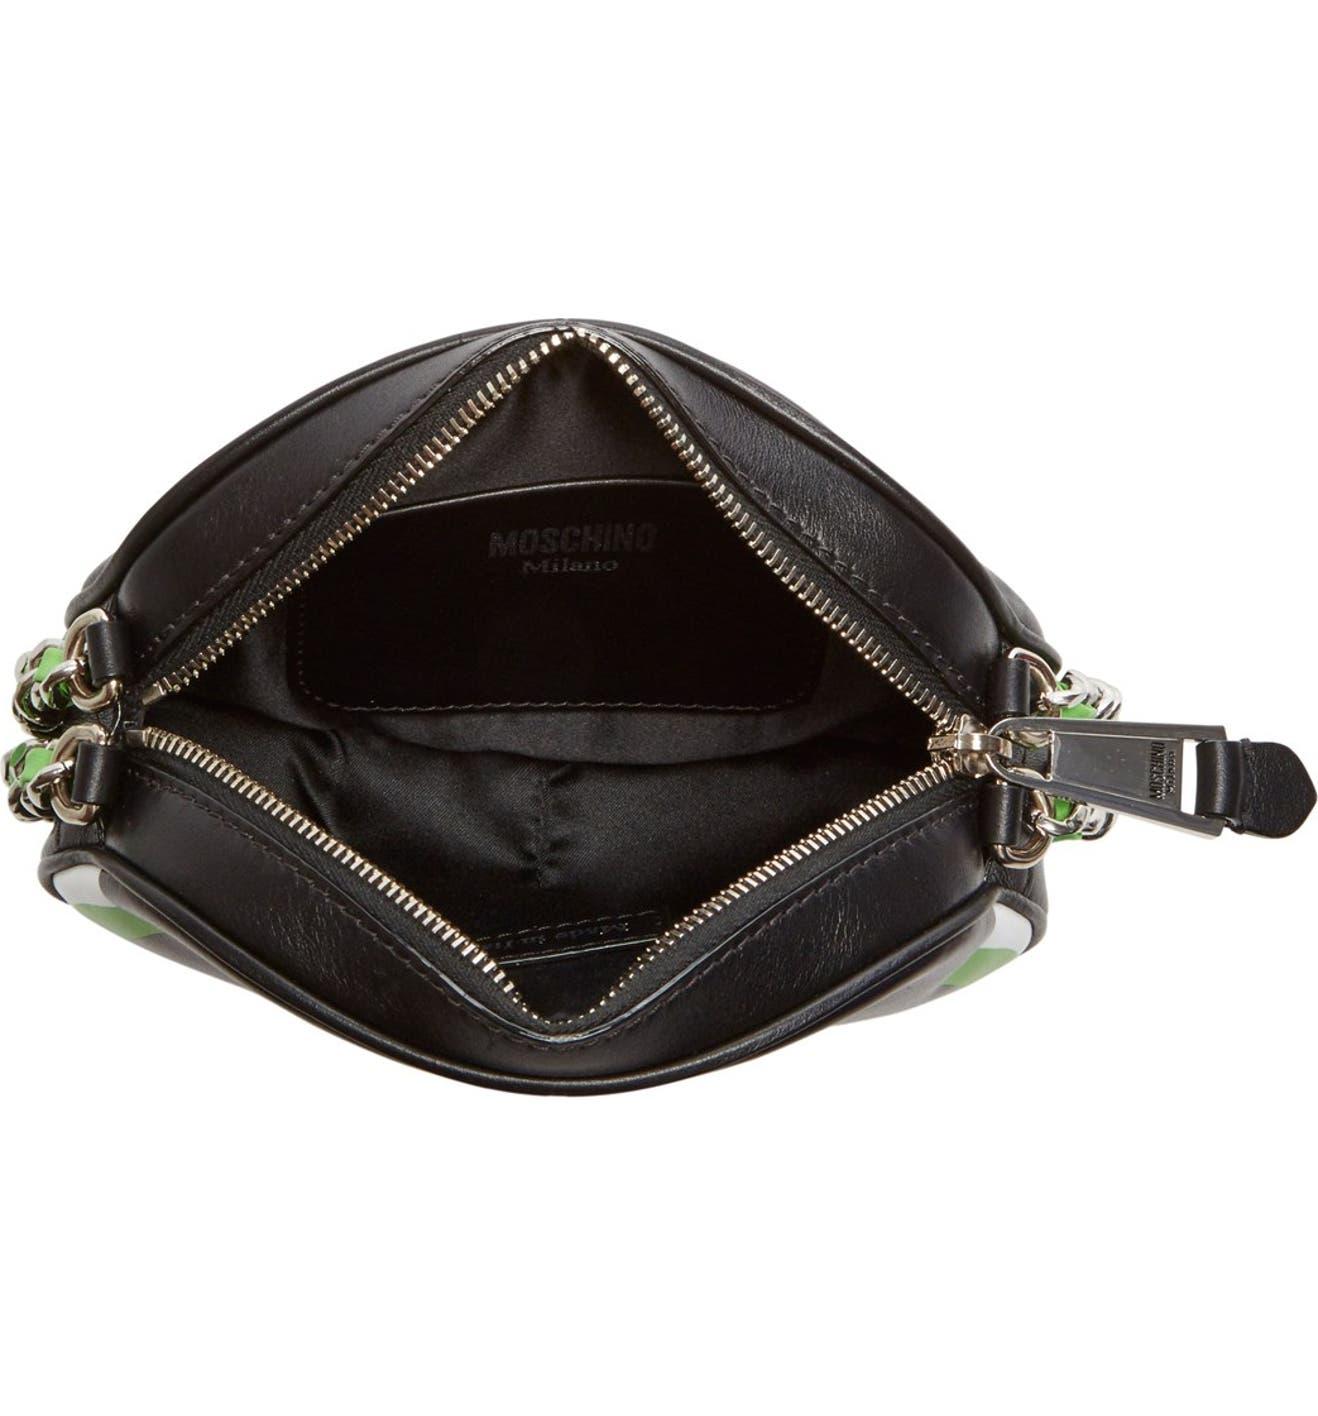 2e49299b7e Moschino 'The Powerpuff Girls® - Buttercup' Canteen Crossbody Bag    Nordstrom